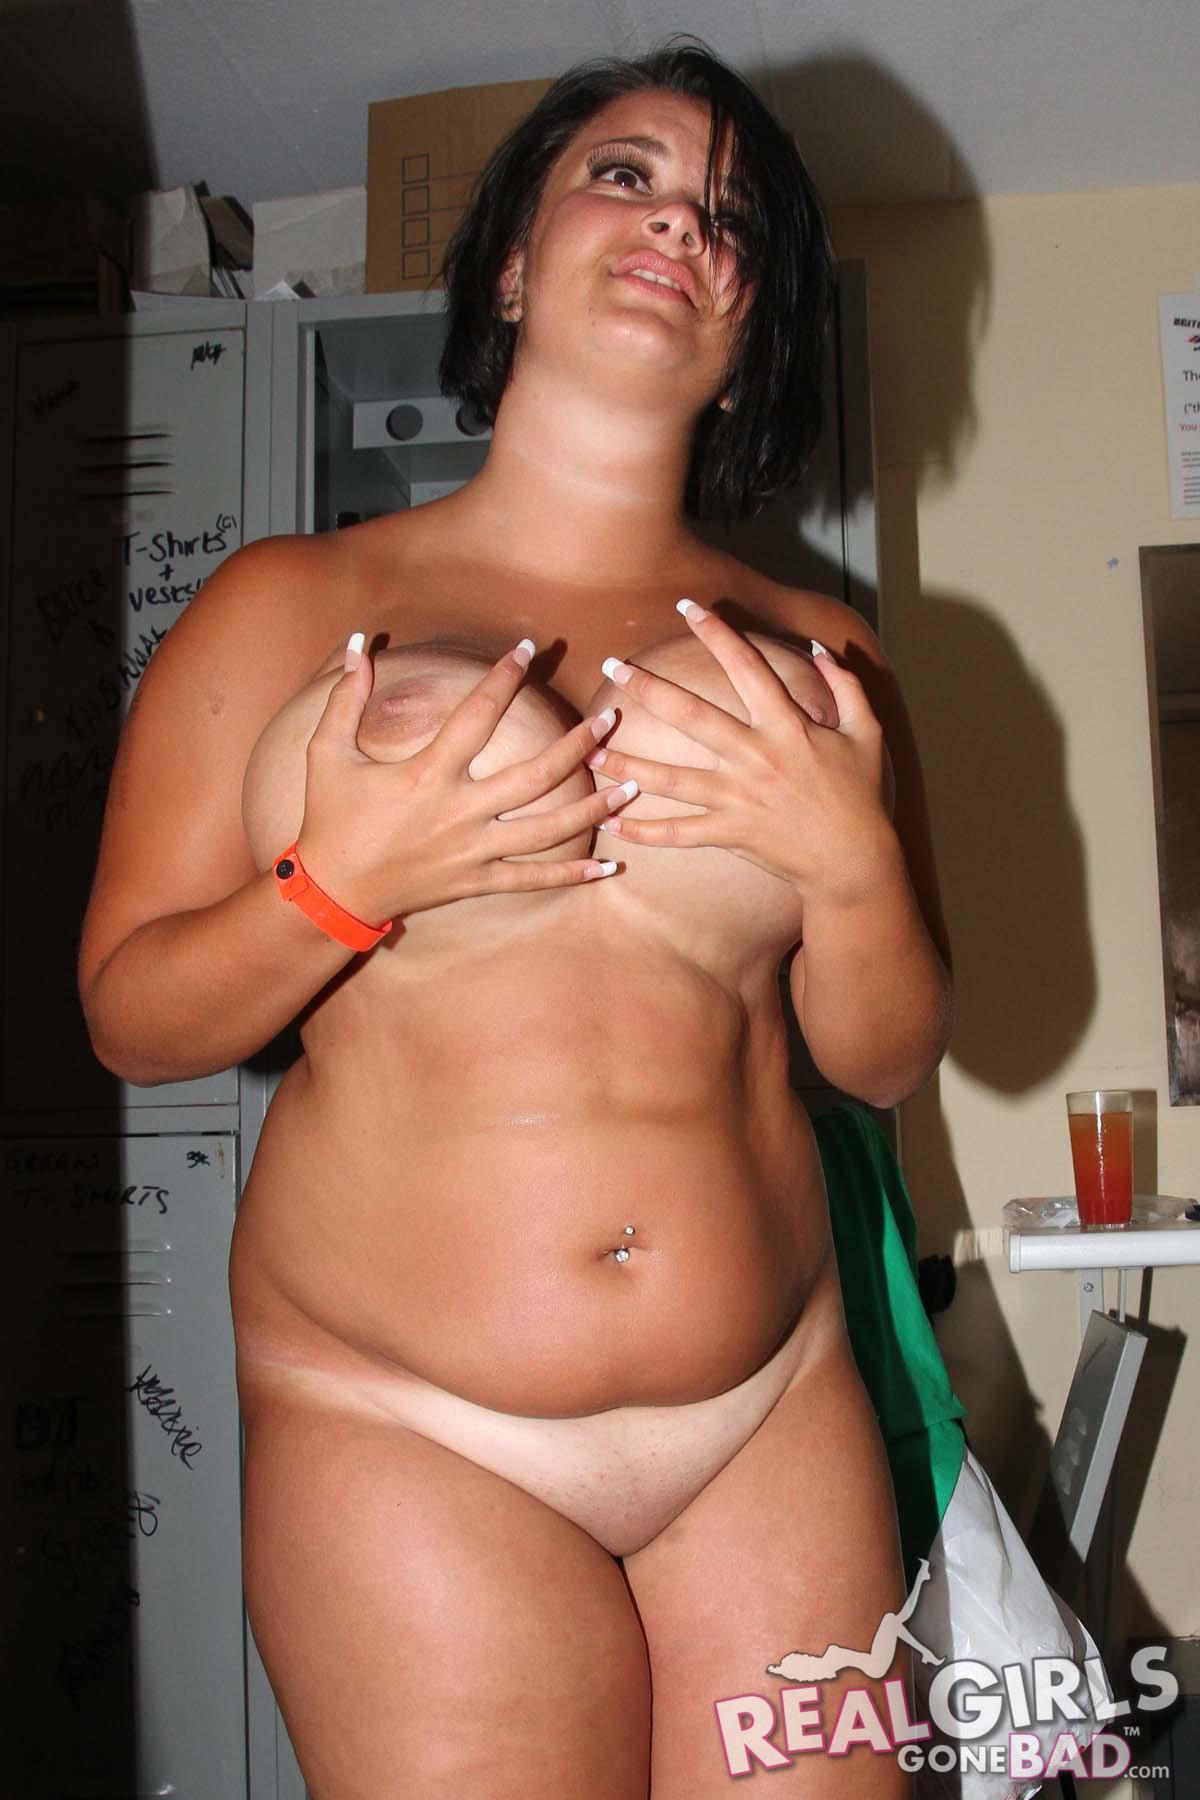 amature nude women